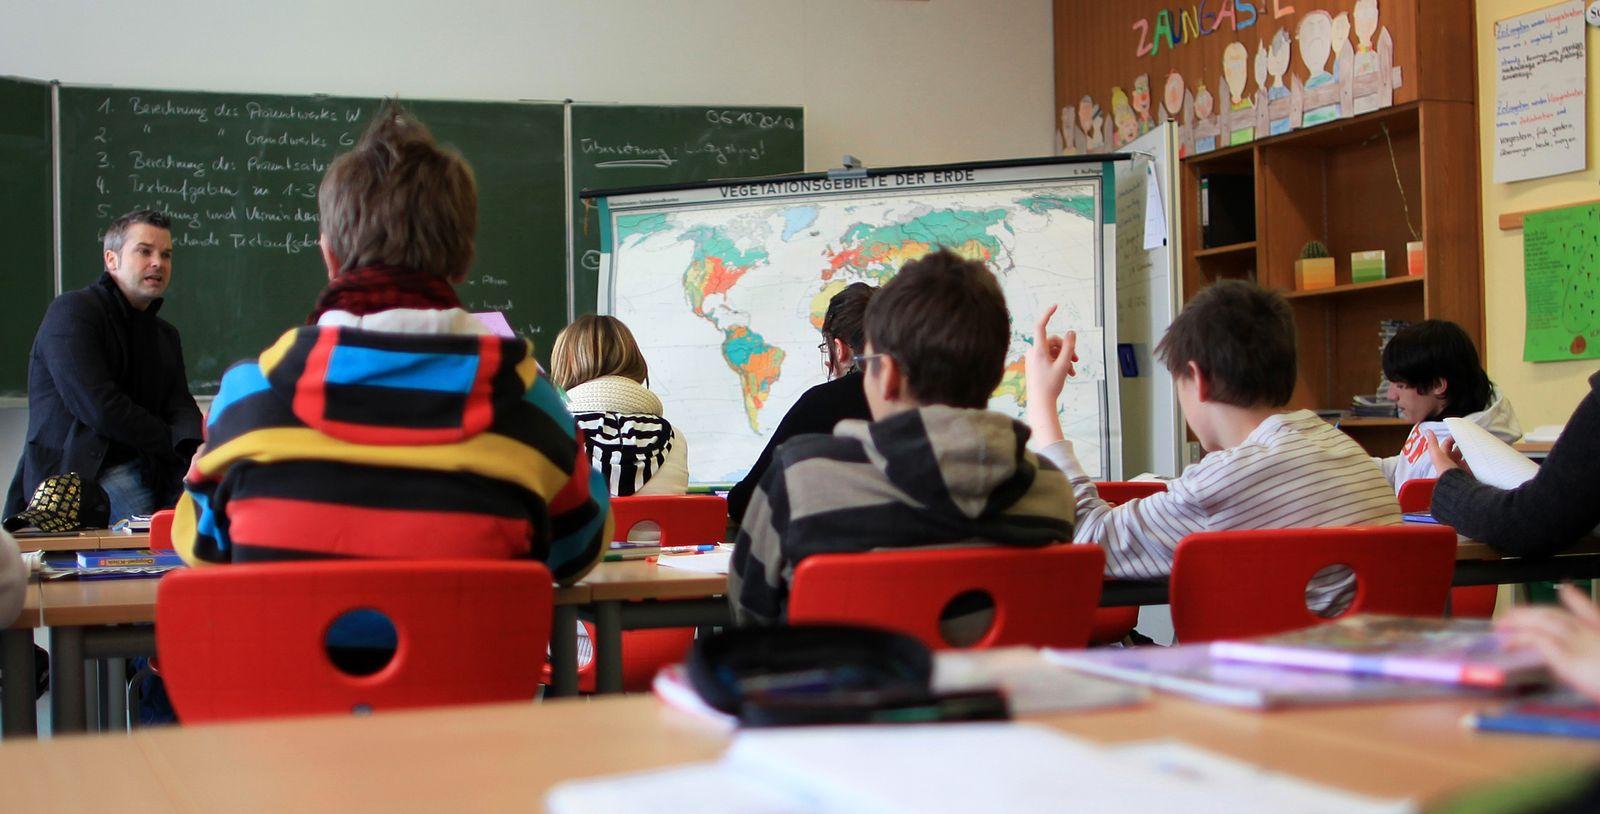 Lehrerausbildung / Lehrer